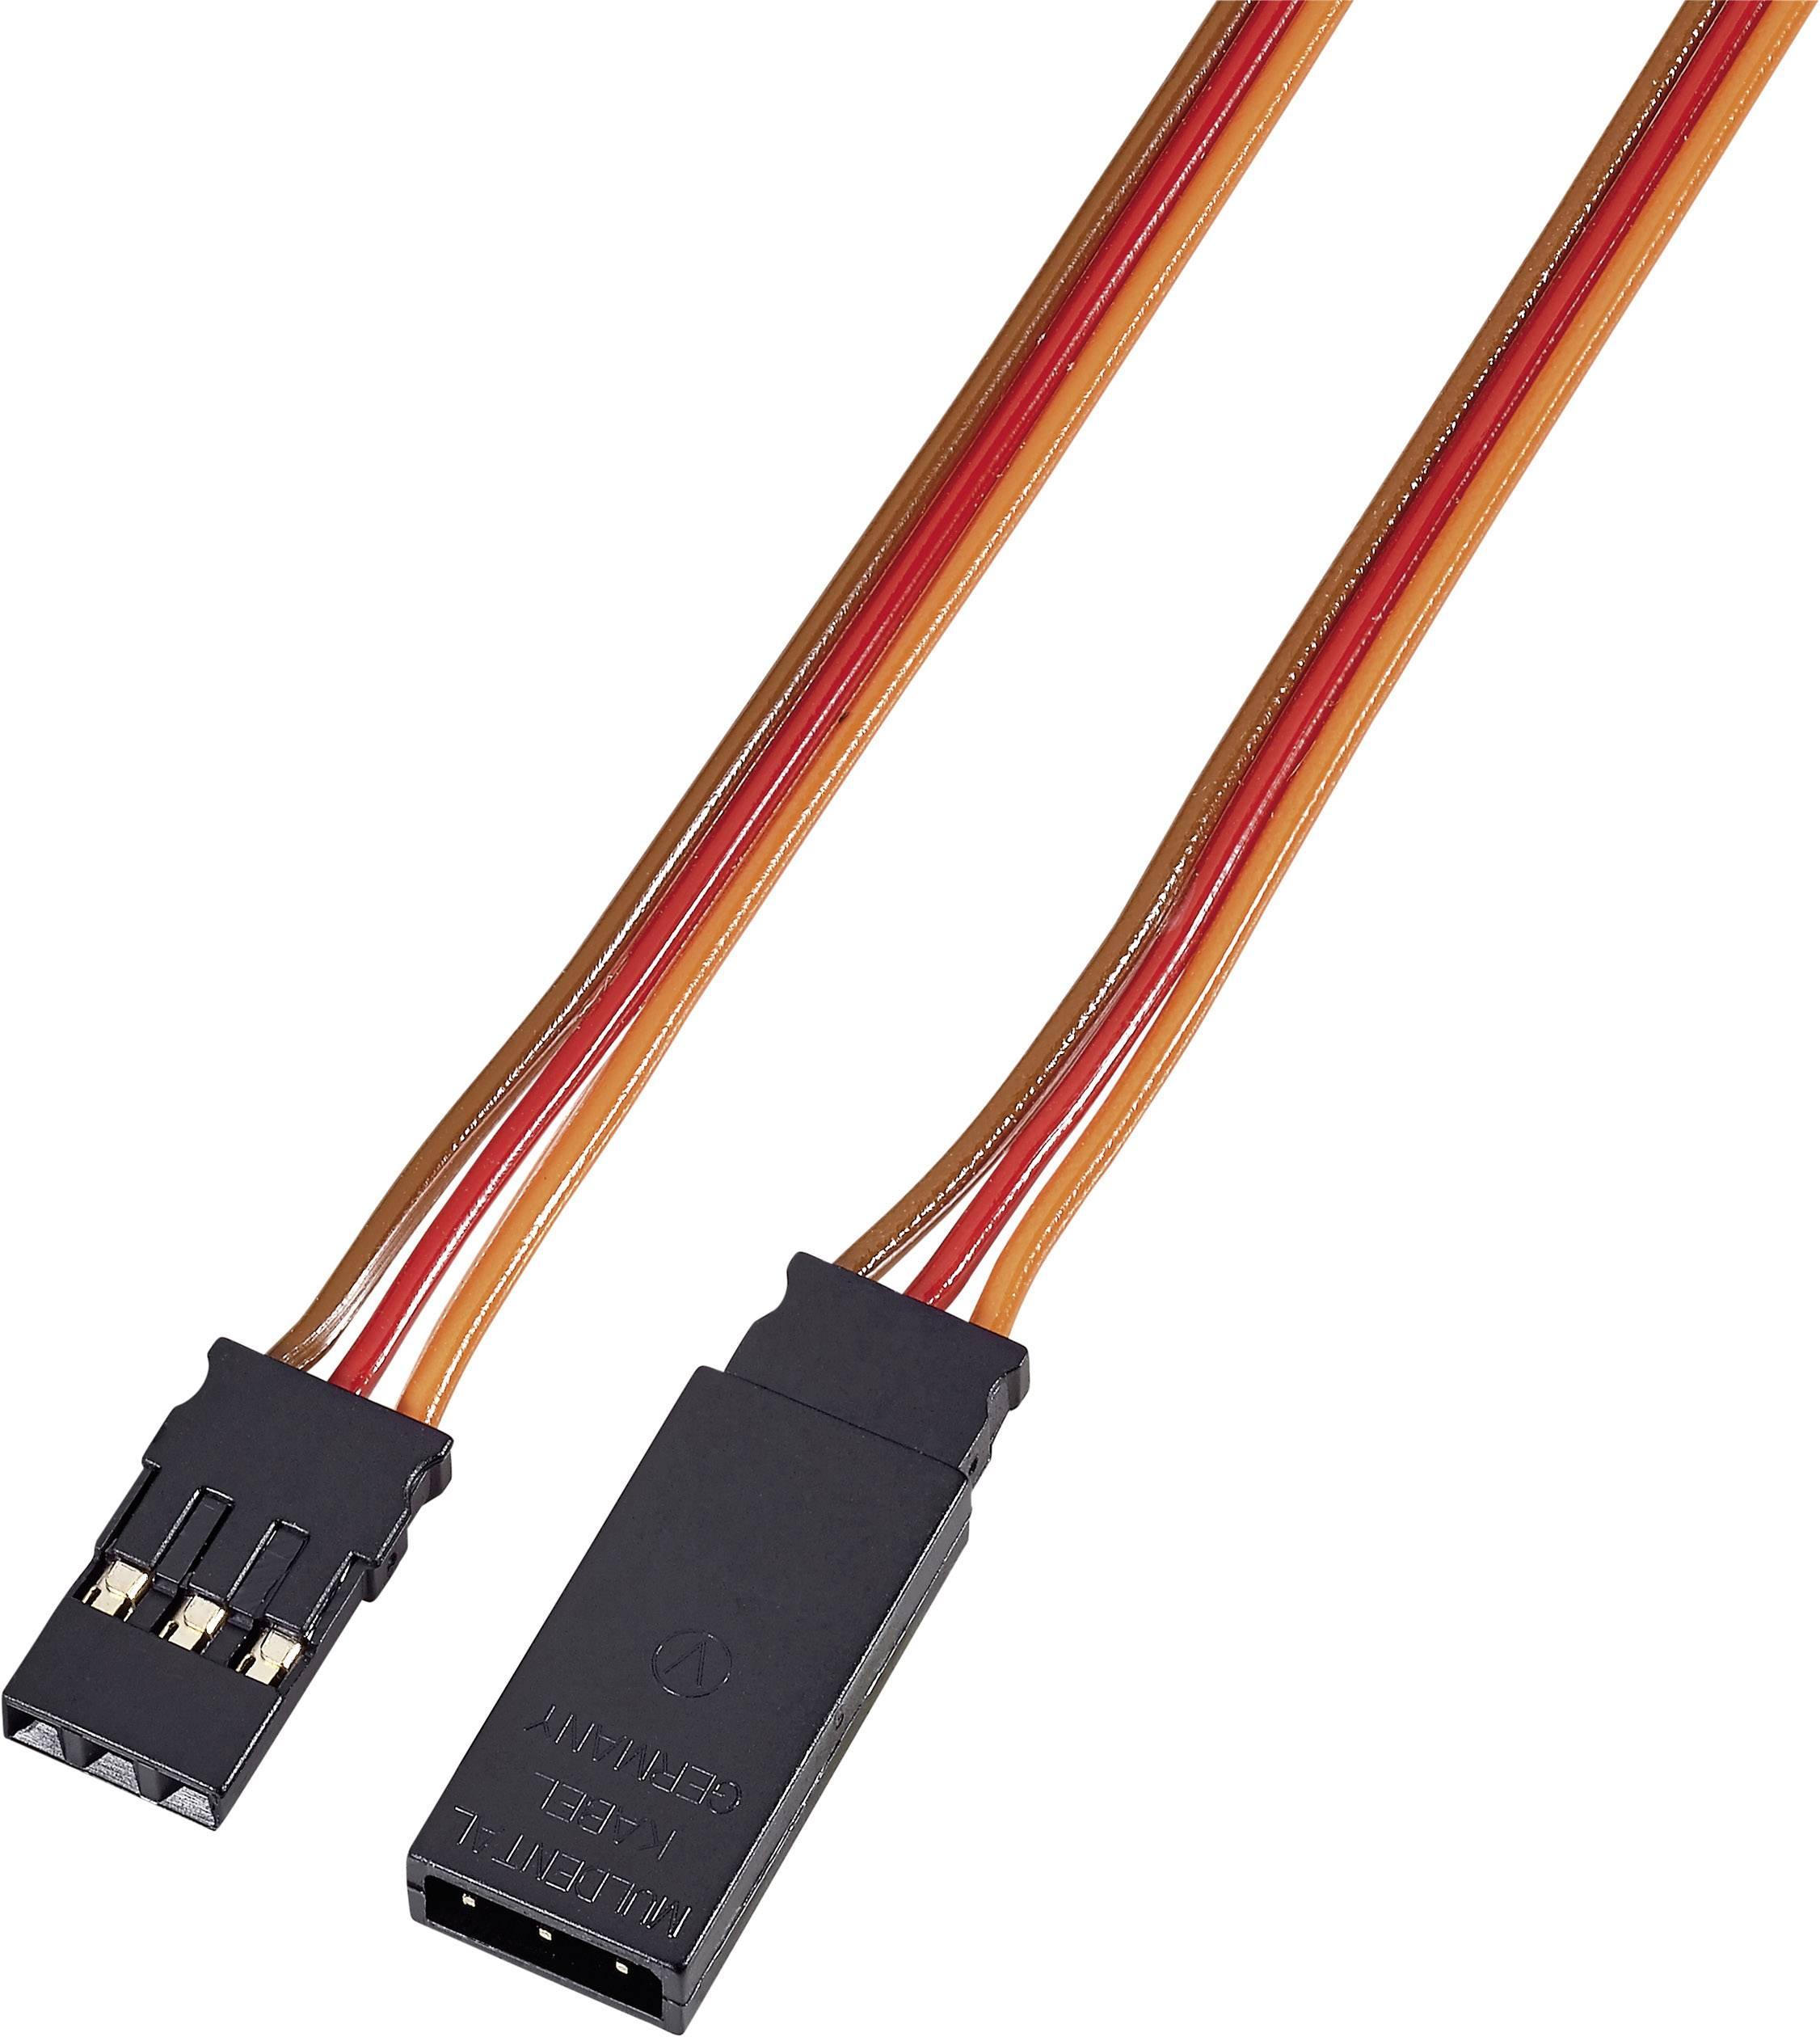 Prodlužovací kabel Modelcraft, konektor JR, 100 cm, 0,5 mm²